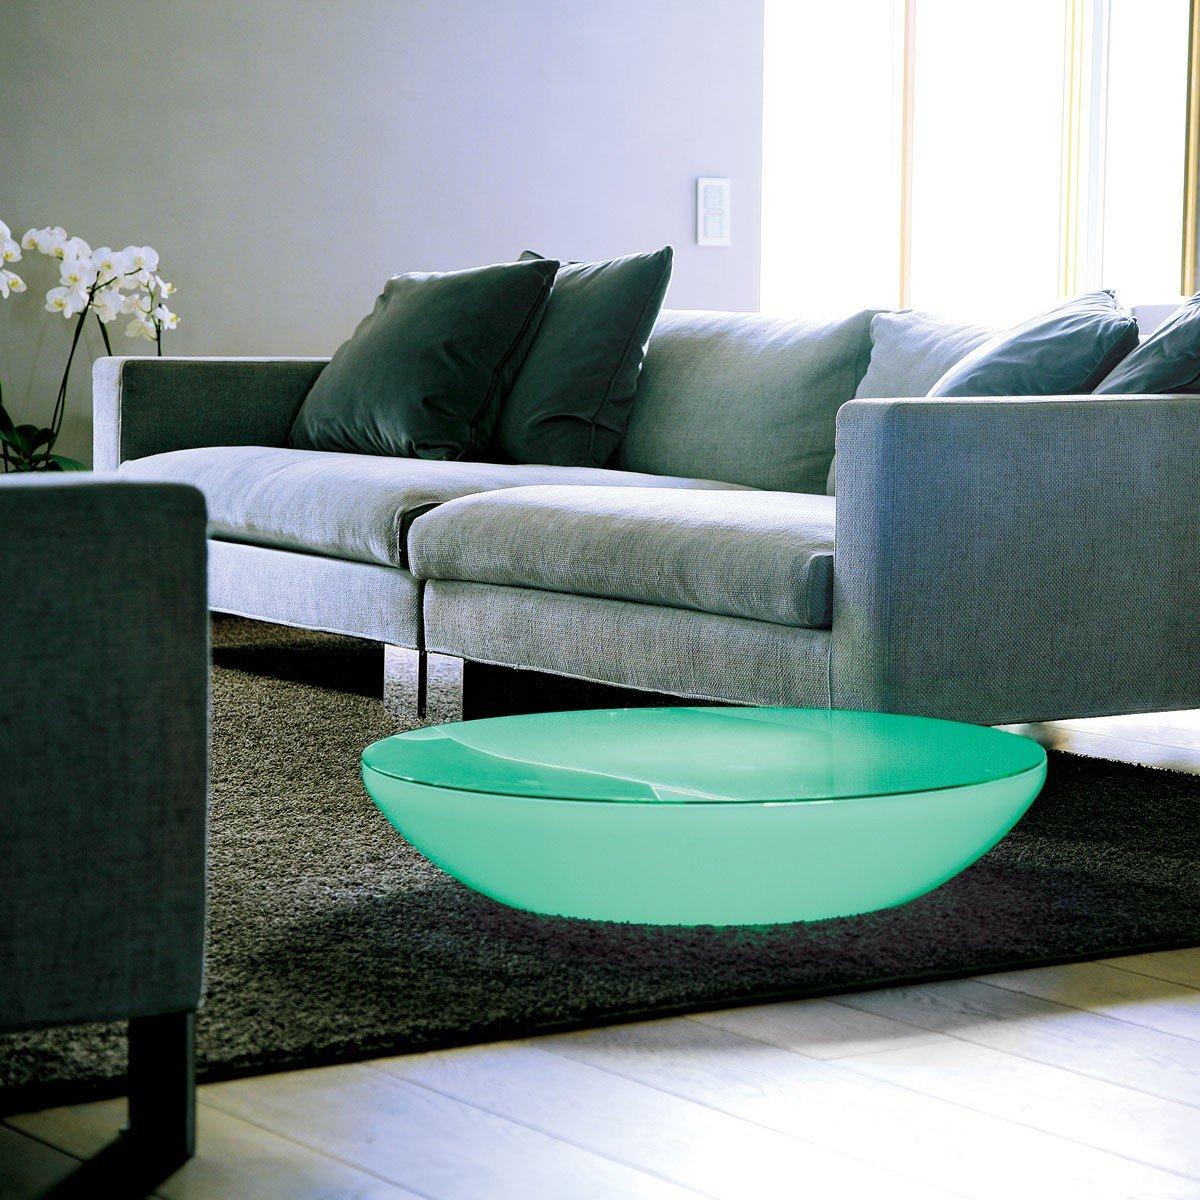 moree LED Bodenleuchte Lounge Variation LED Pro, Weiß, Kunststoff, 07-03-01